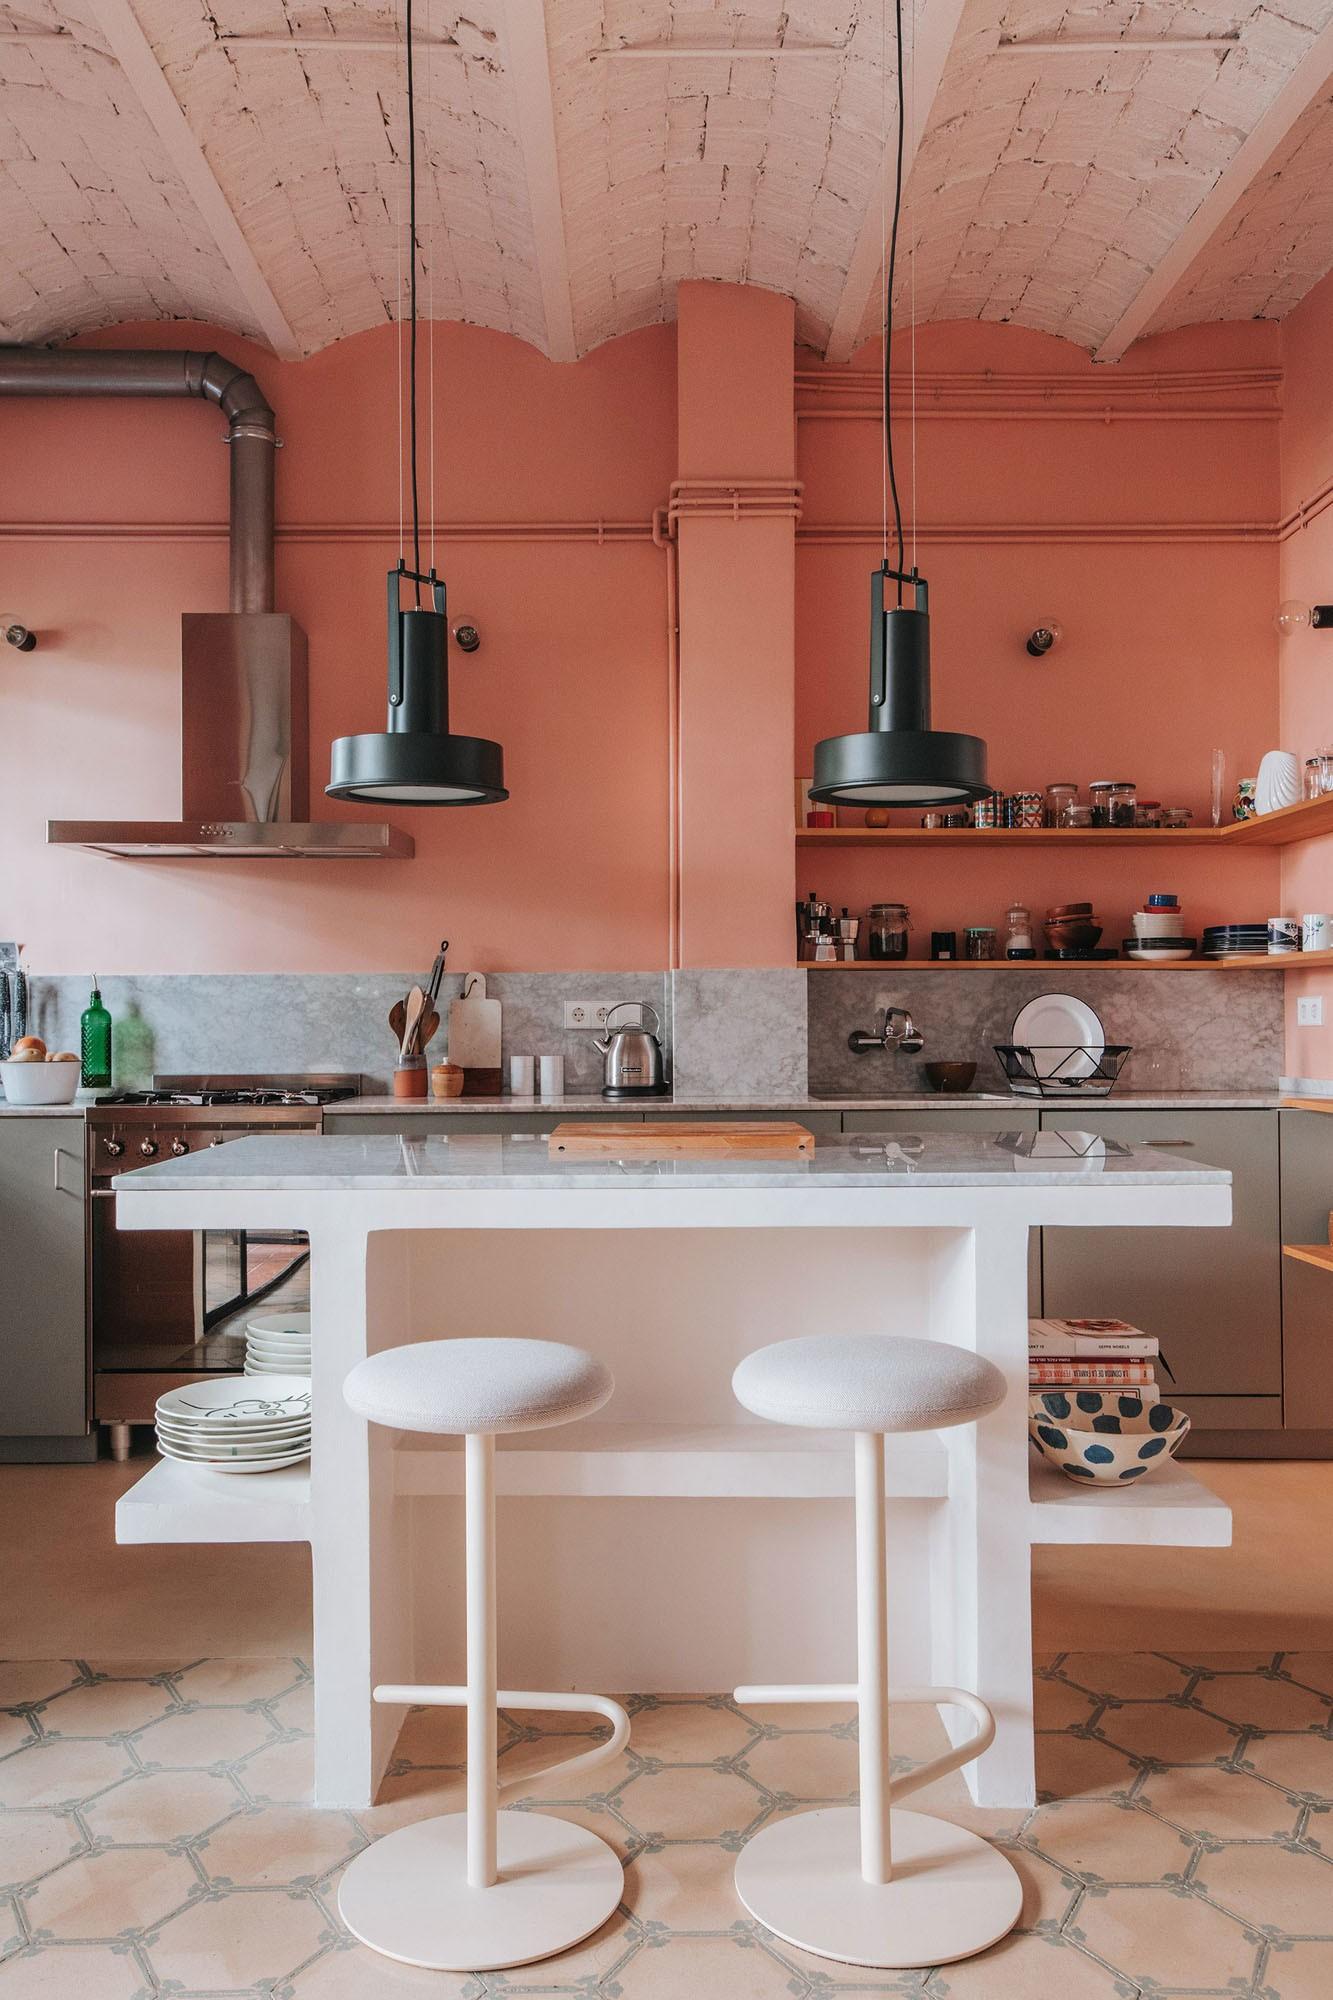 Décor do dia: cozinha rosa em estilo industrial (Foto: Coke Bartrina)